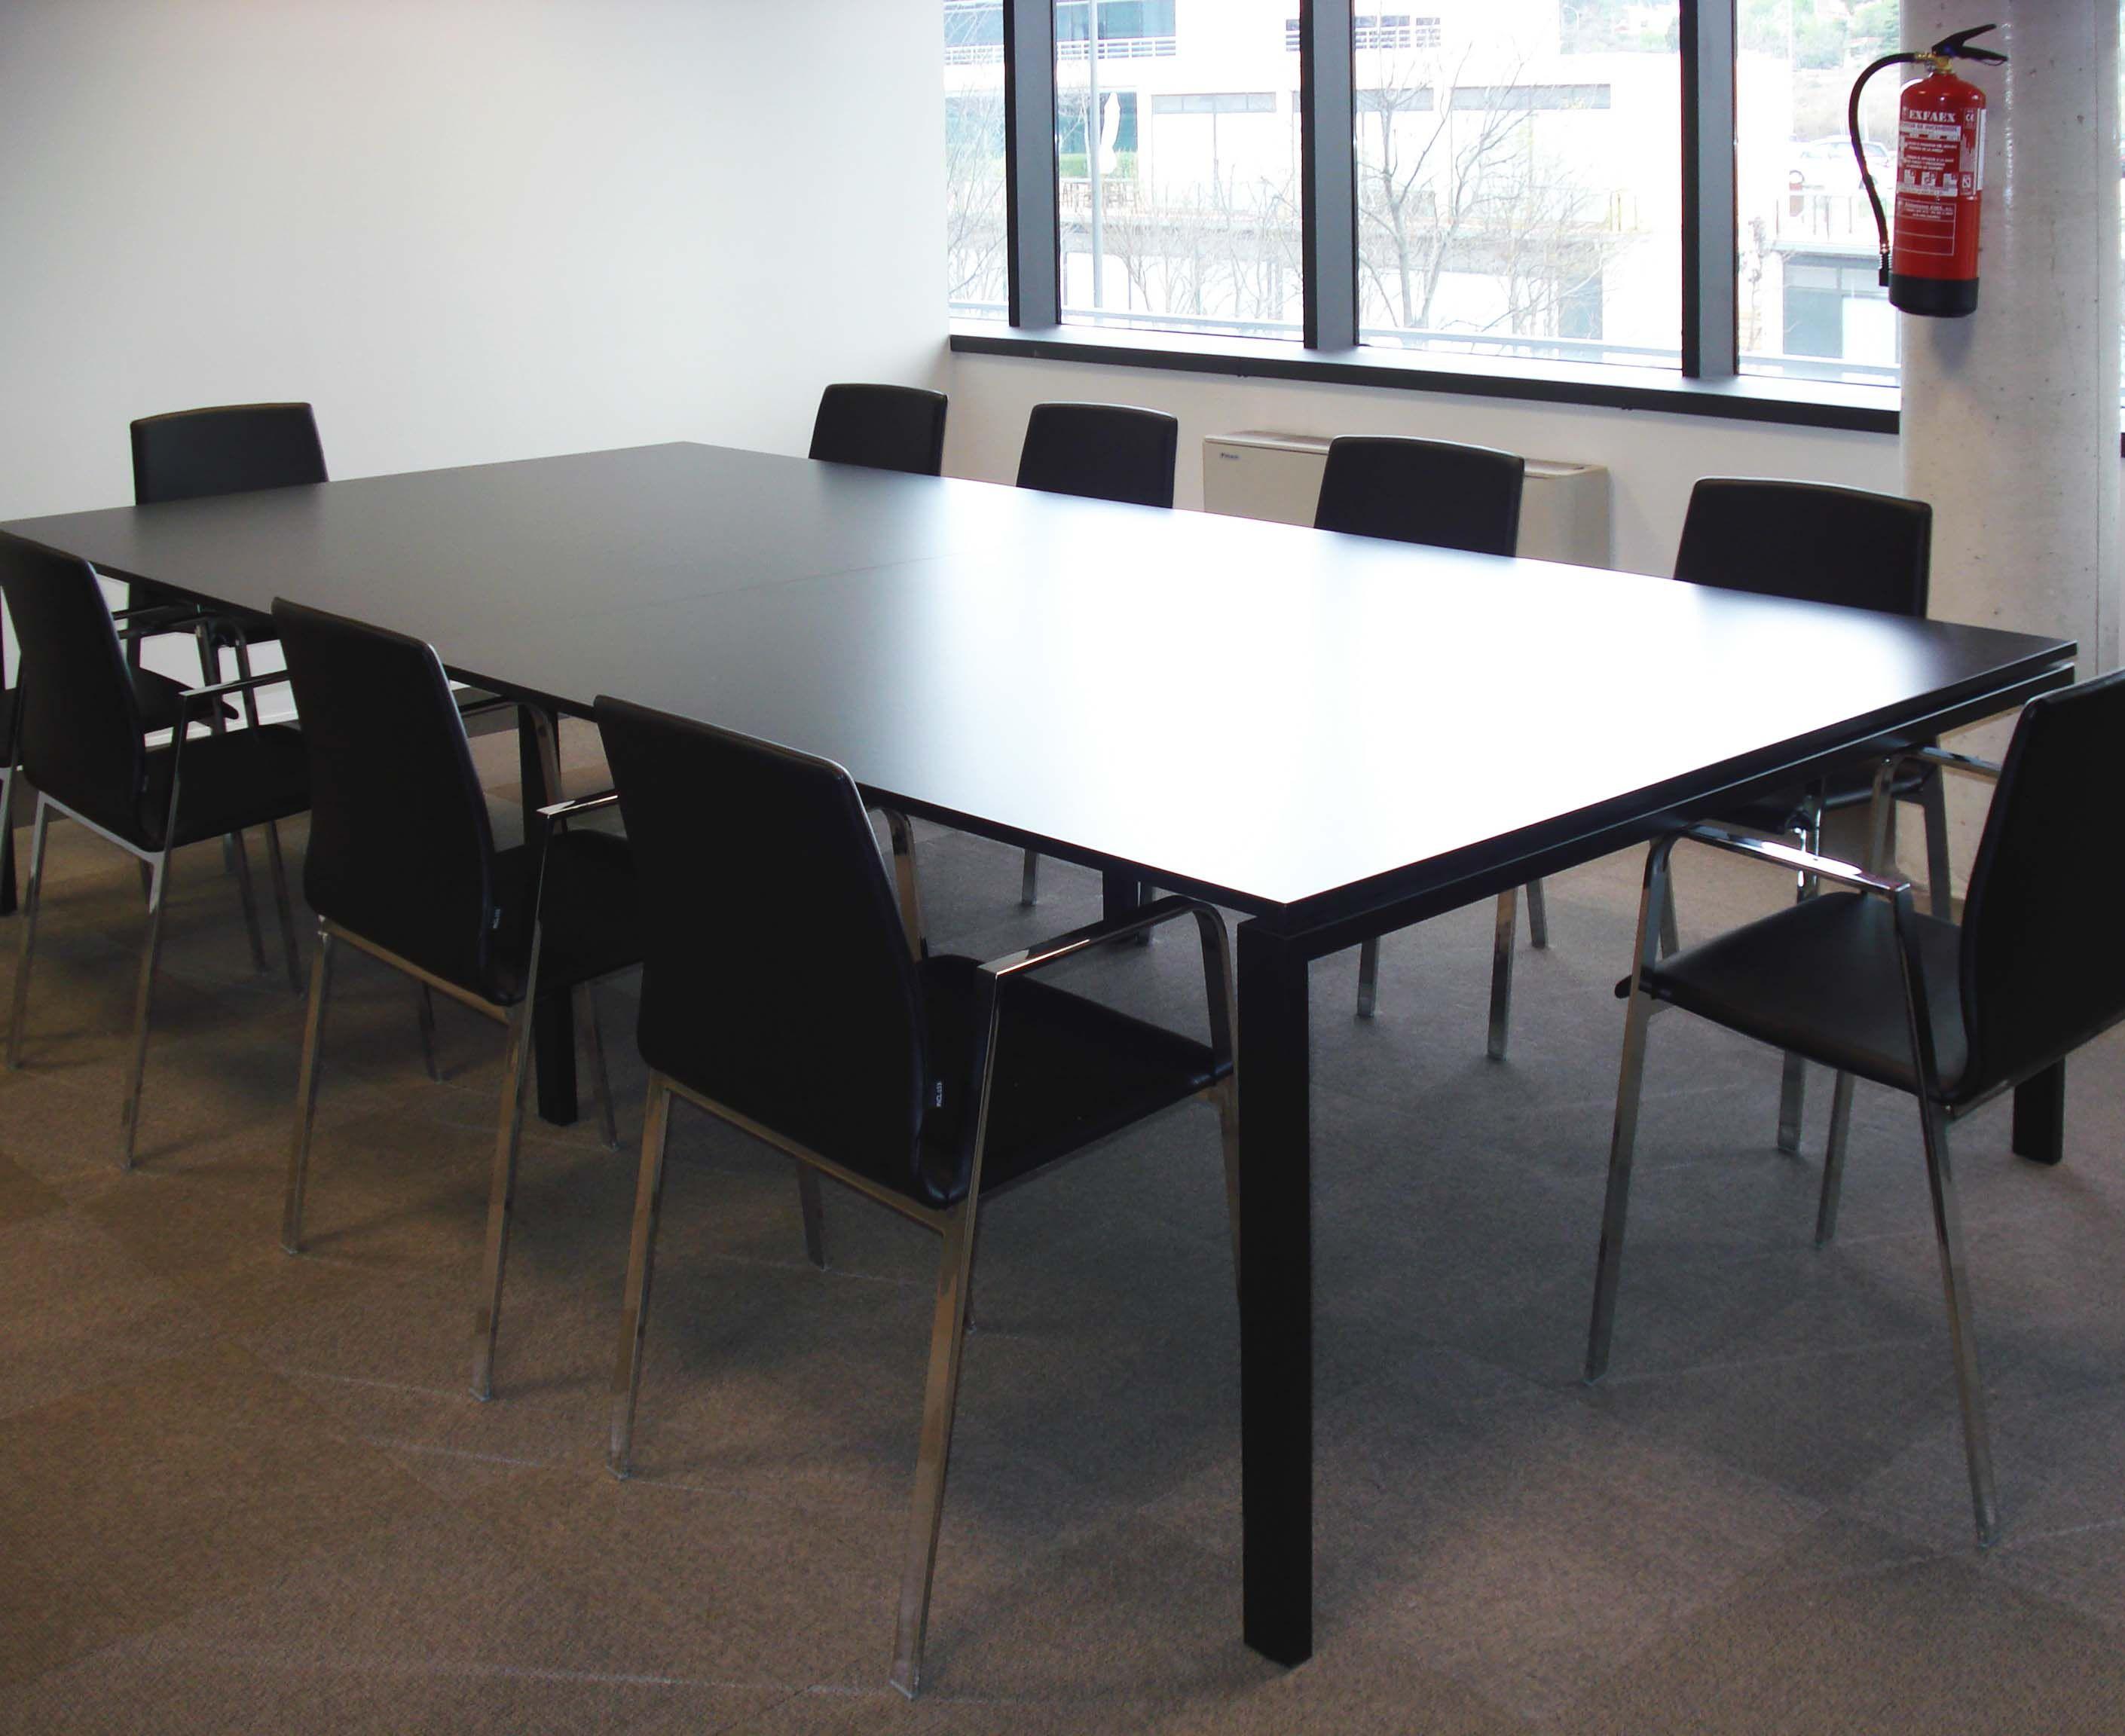 Mesa de reuniones de linea recta con sillas compuestas por - Estructura metalica mesa ...